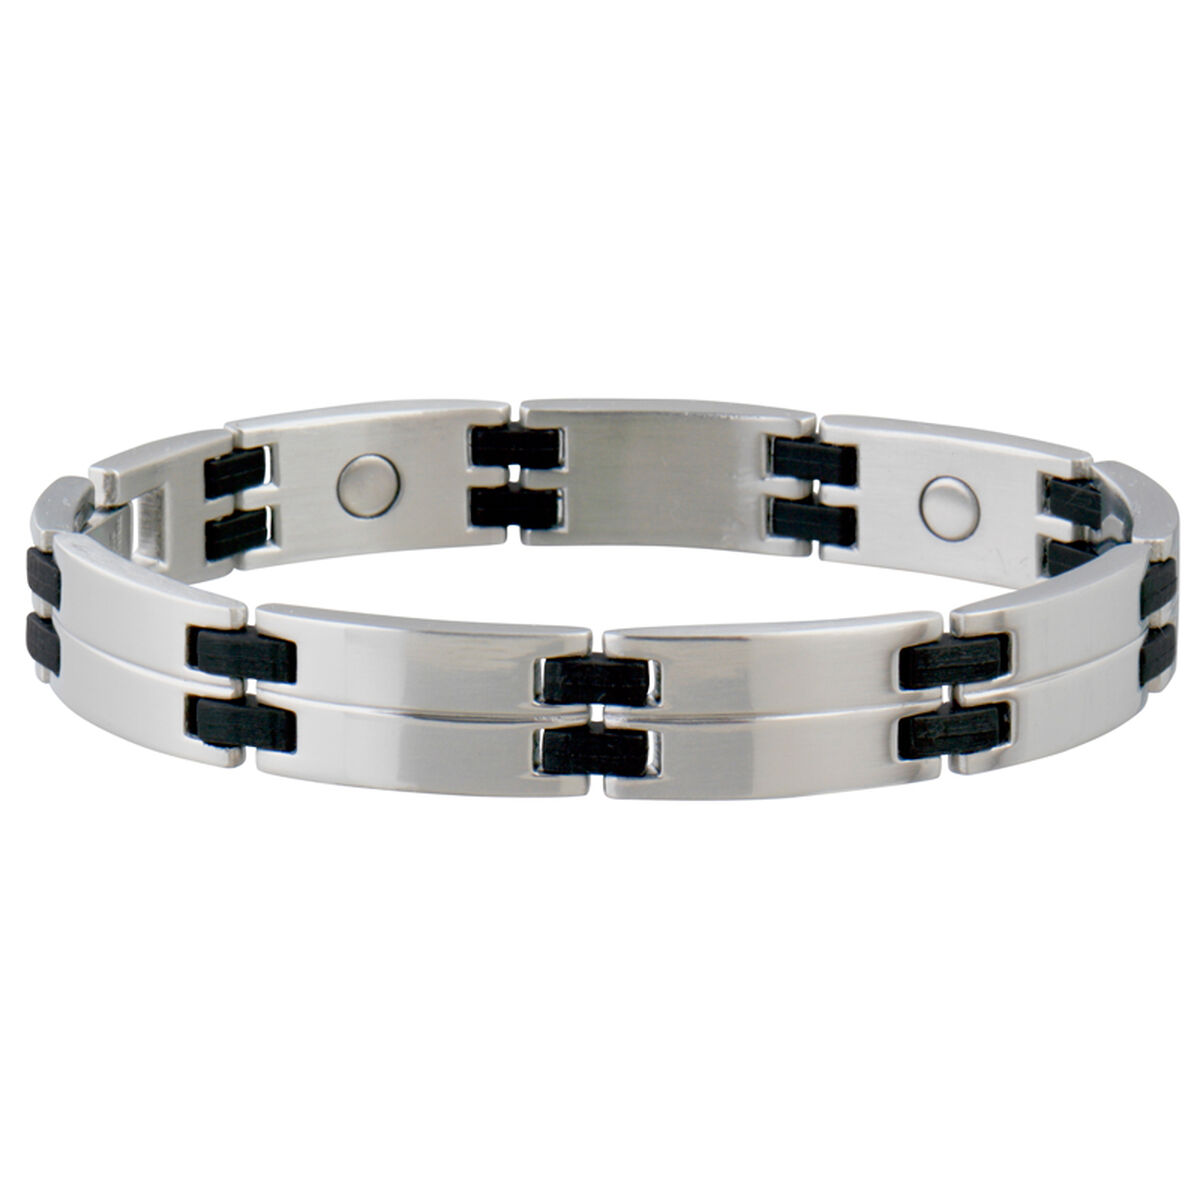 Sabona Magnetic Link Bracelet Black Steel